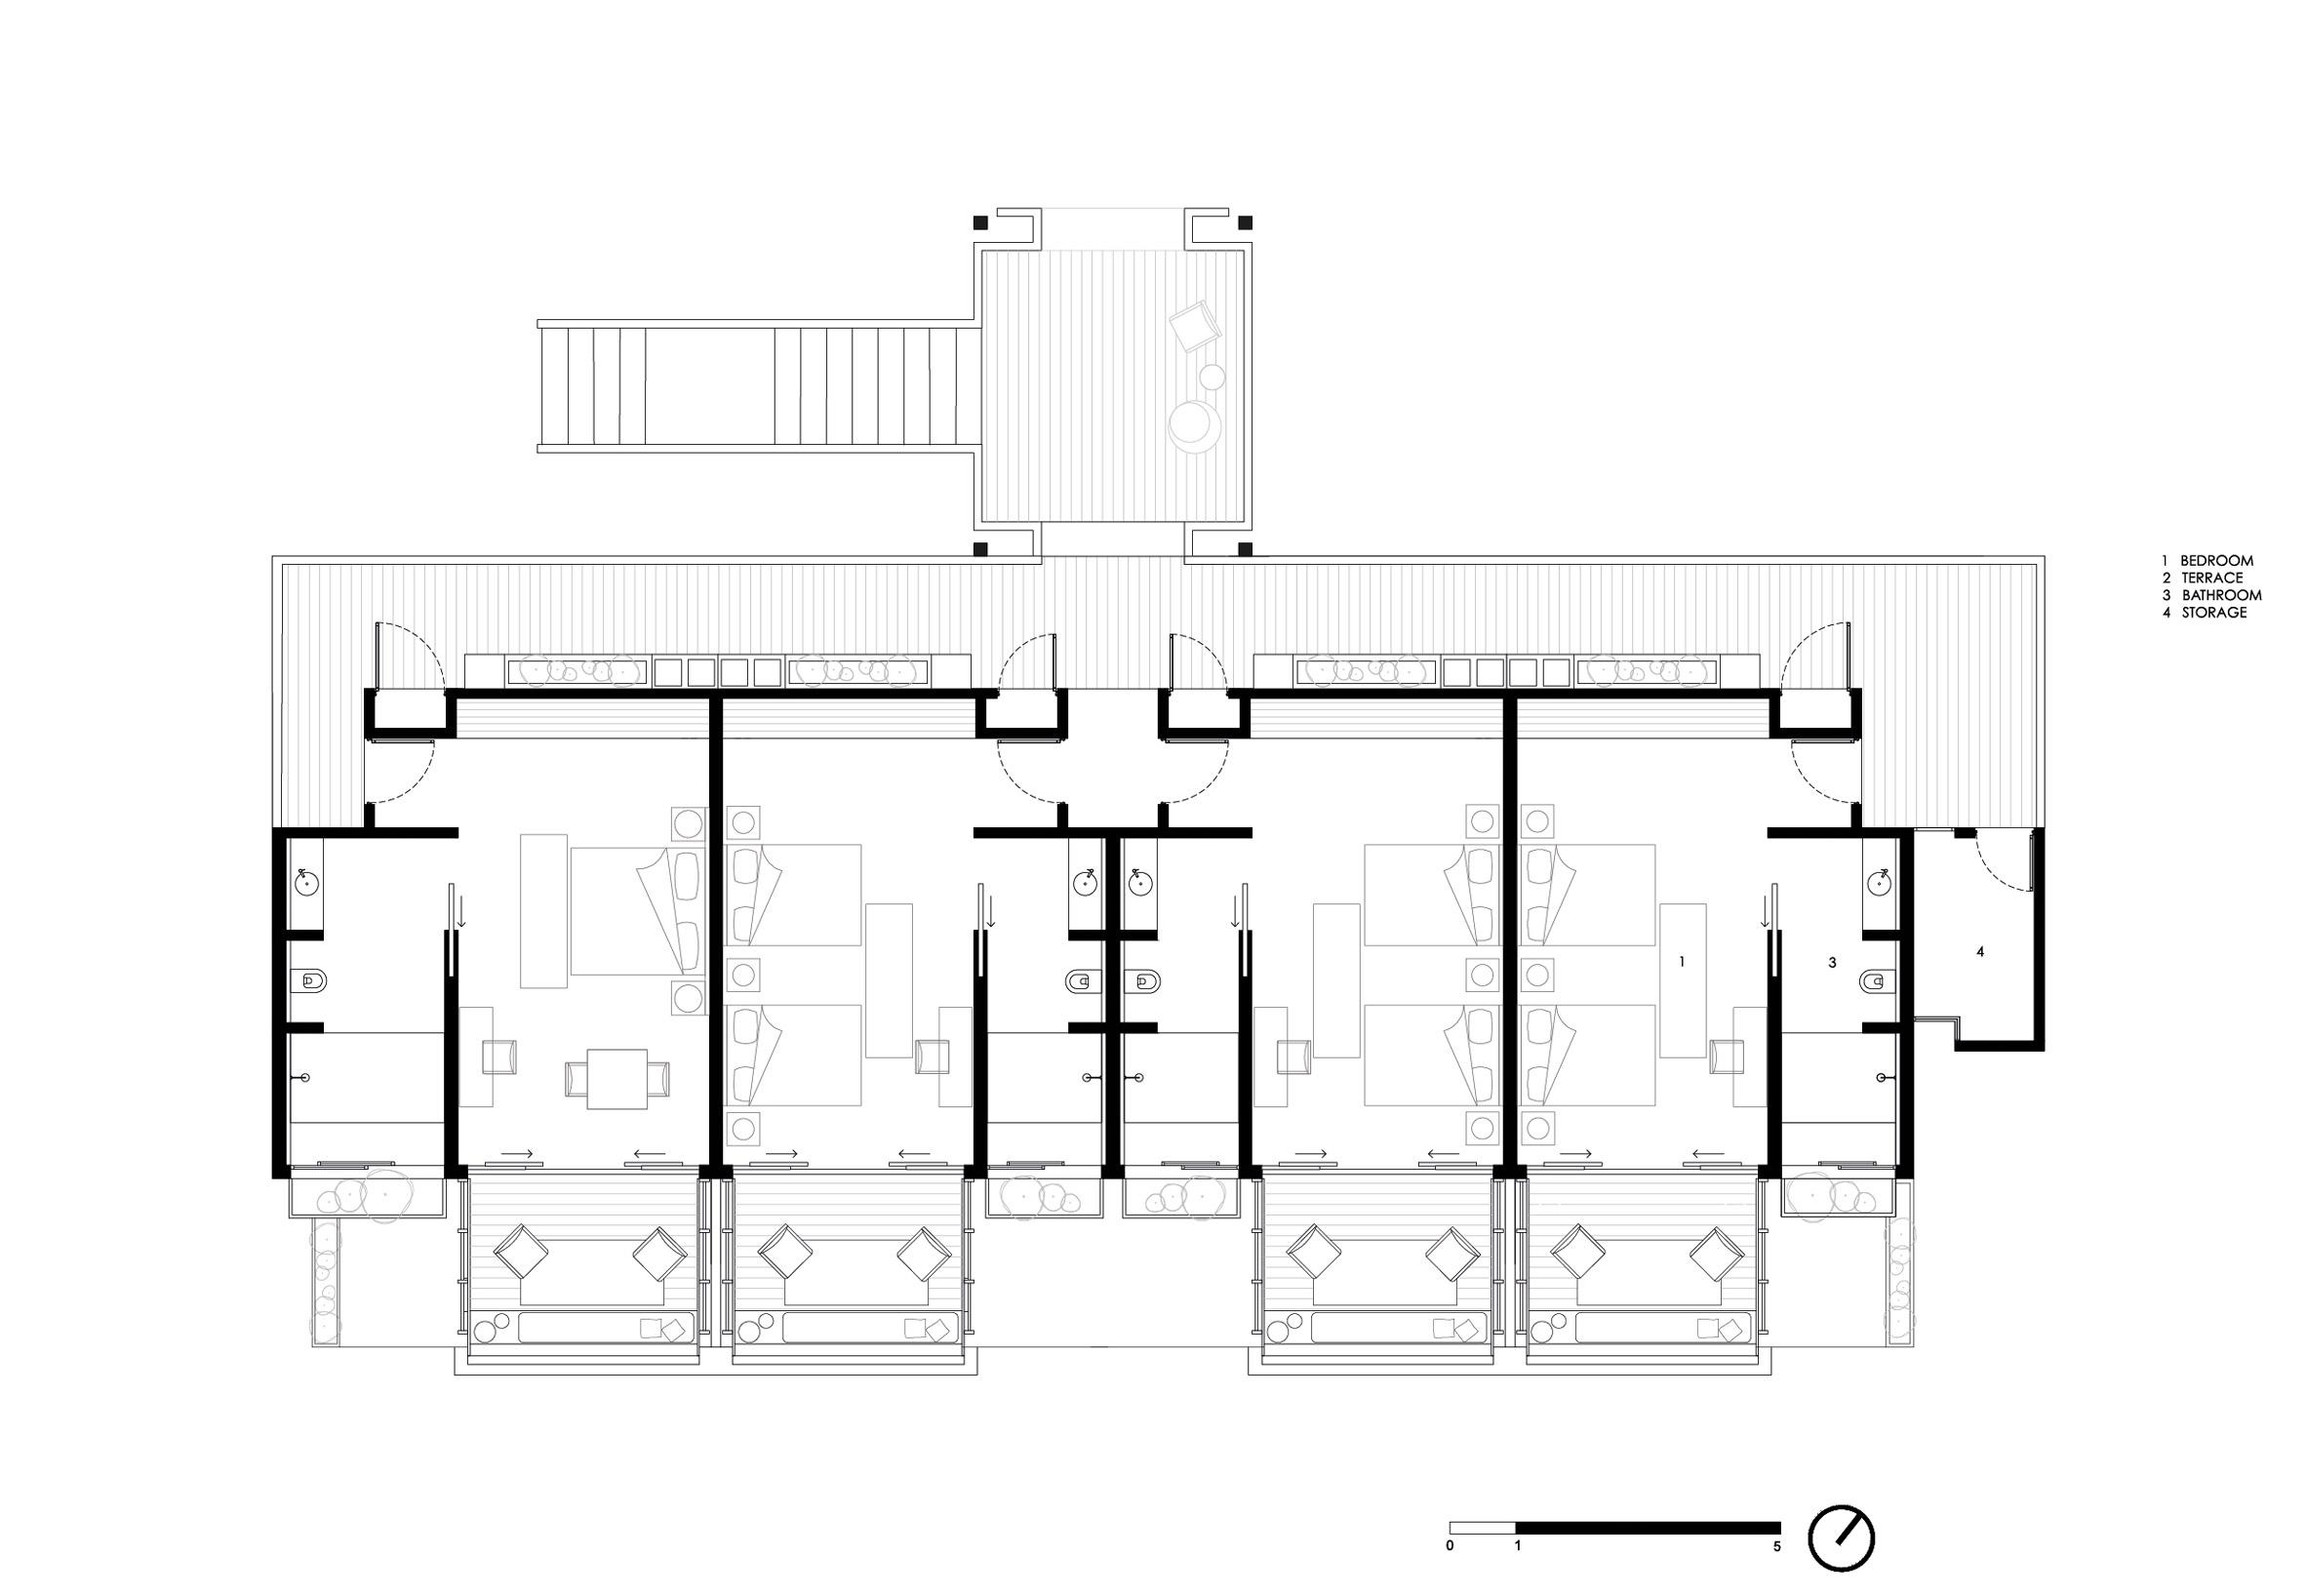 Thiết kế sân vườn Resort 10